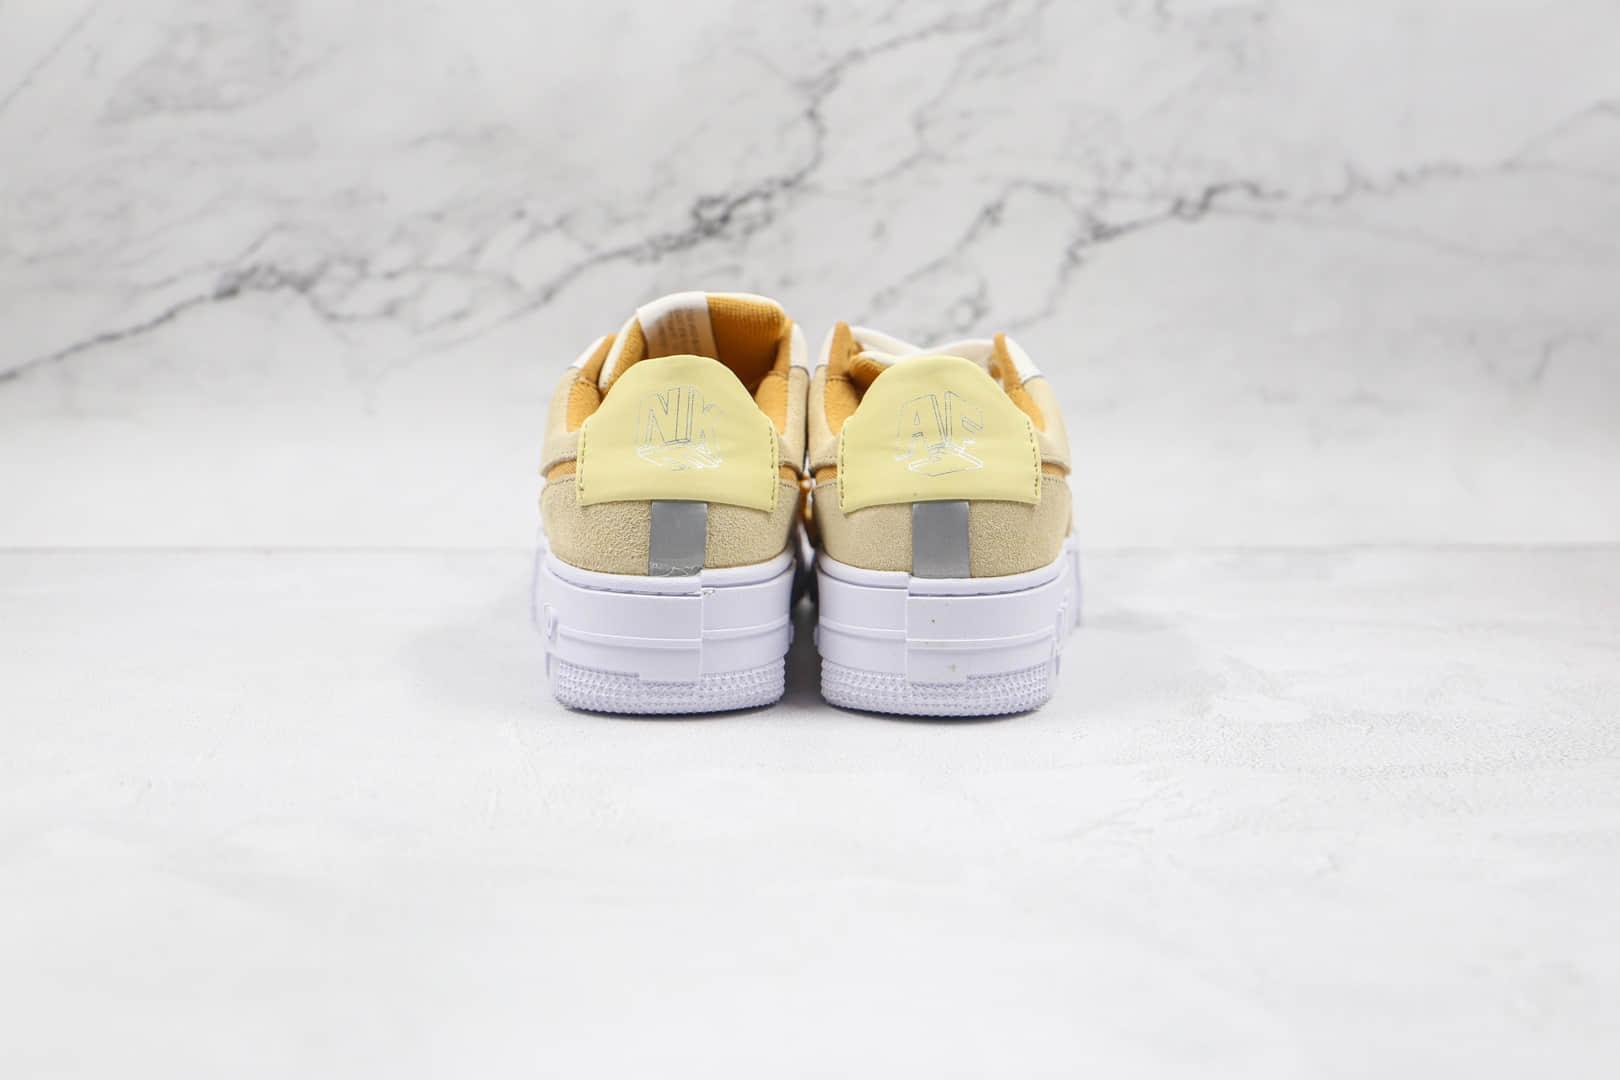 耐克Nike Air Force 1纯原版本空军一号低帮AF1解构板鞋奶茶米黄色原盒配件 货号:DH3856-100